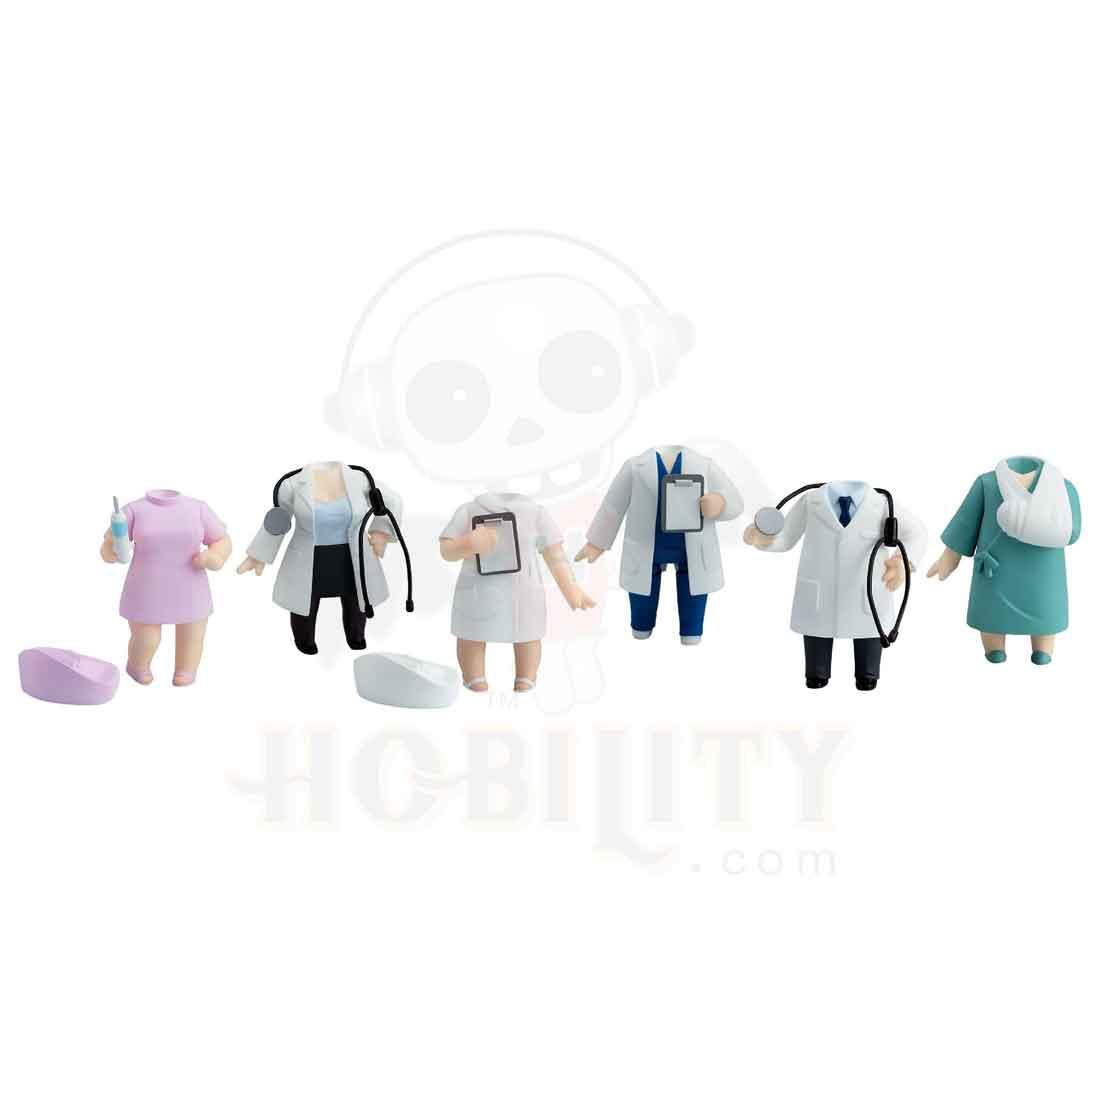 dress up CLINICA blind box Good Smile Company NENDOROID di più